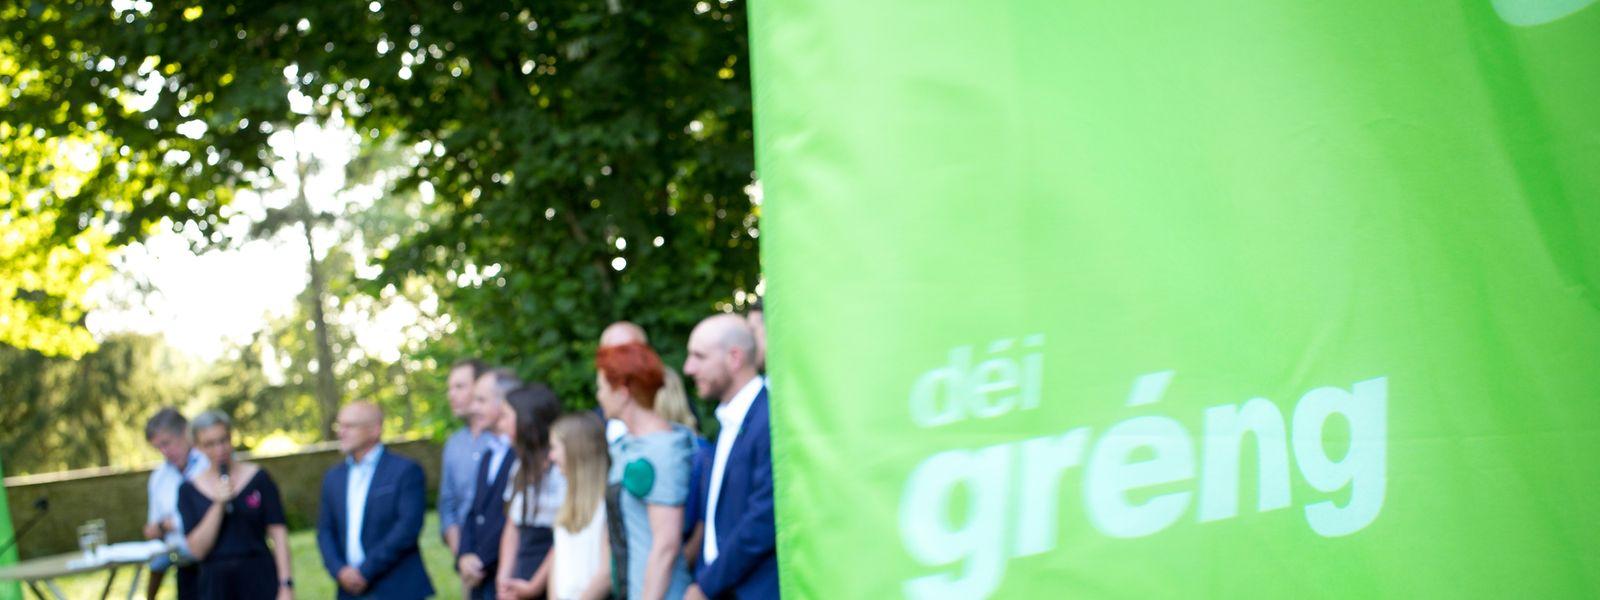 """Vorstellung der Kandidaten von """"Déi Gréng""""."""